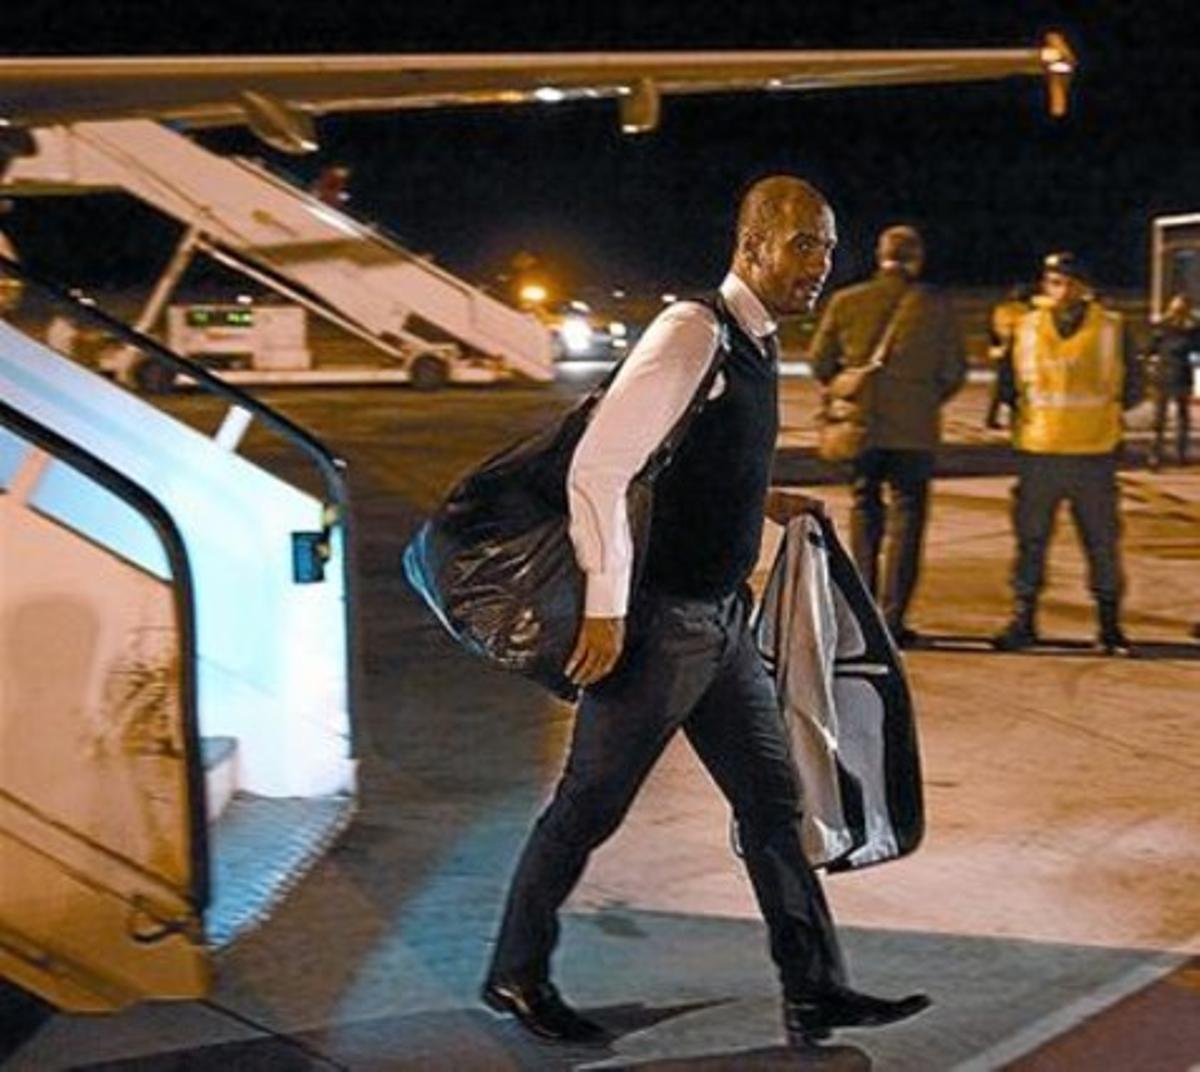 Última semana 8 Guardiola, de regreso de Almería, el sábado.